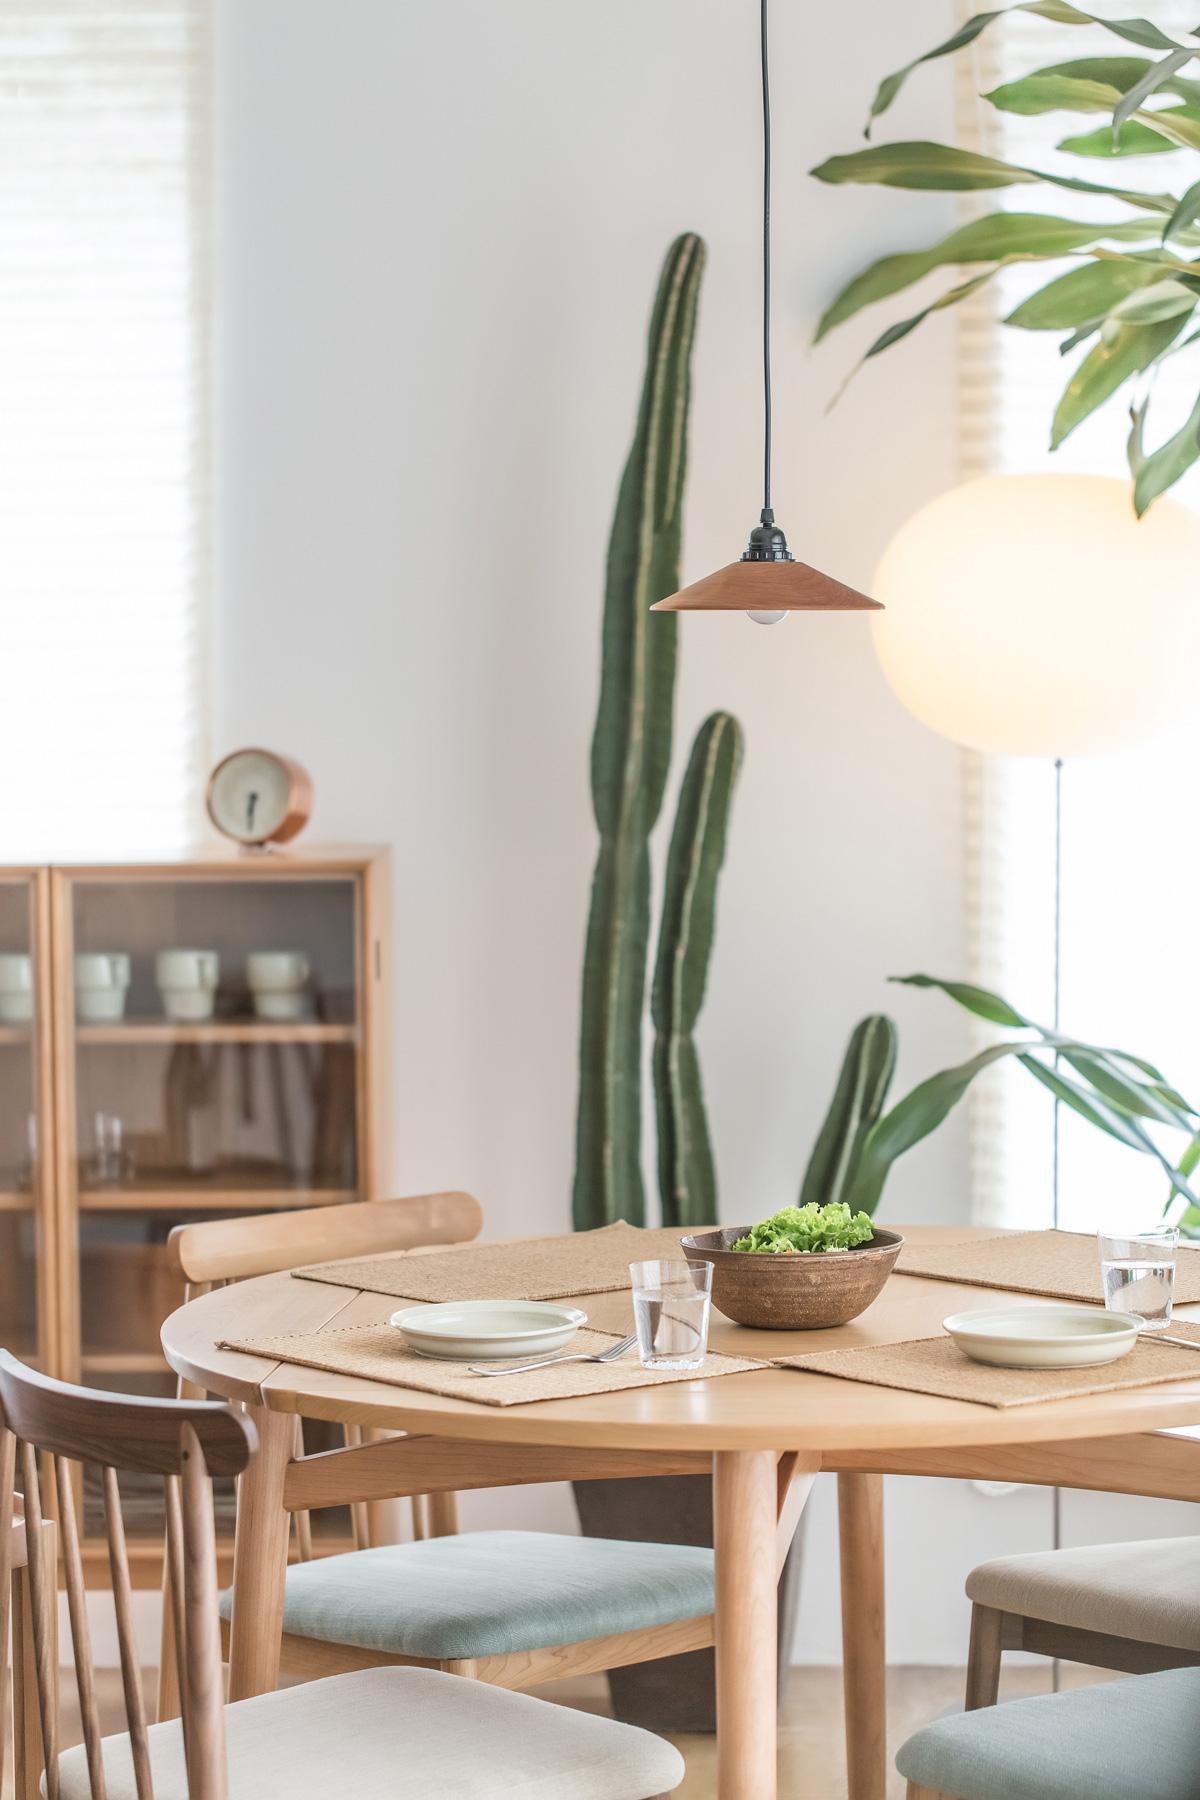 Eettafel, leeshoek of zitkamer. Kijk per ruimte naar het benodigde licht.